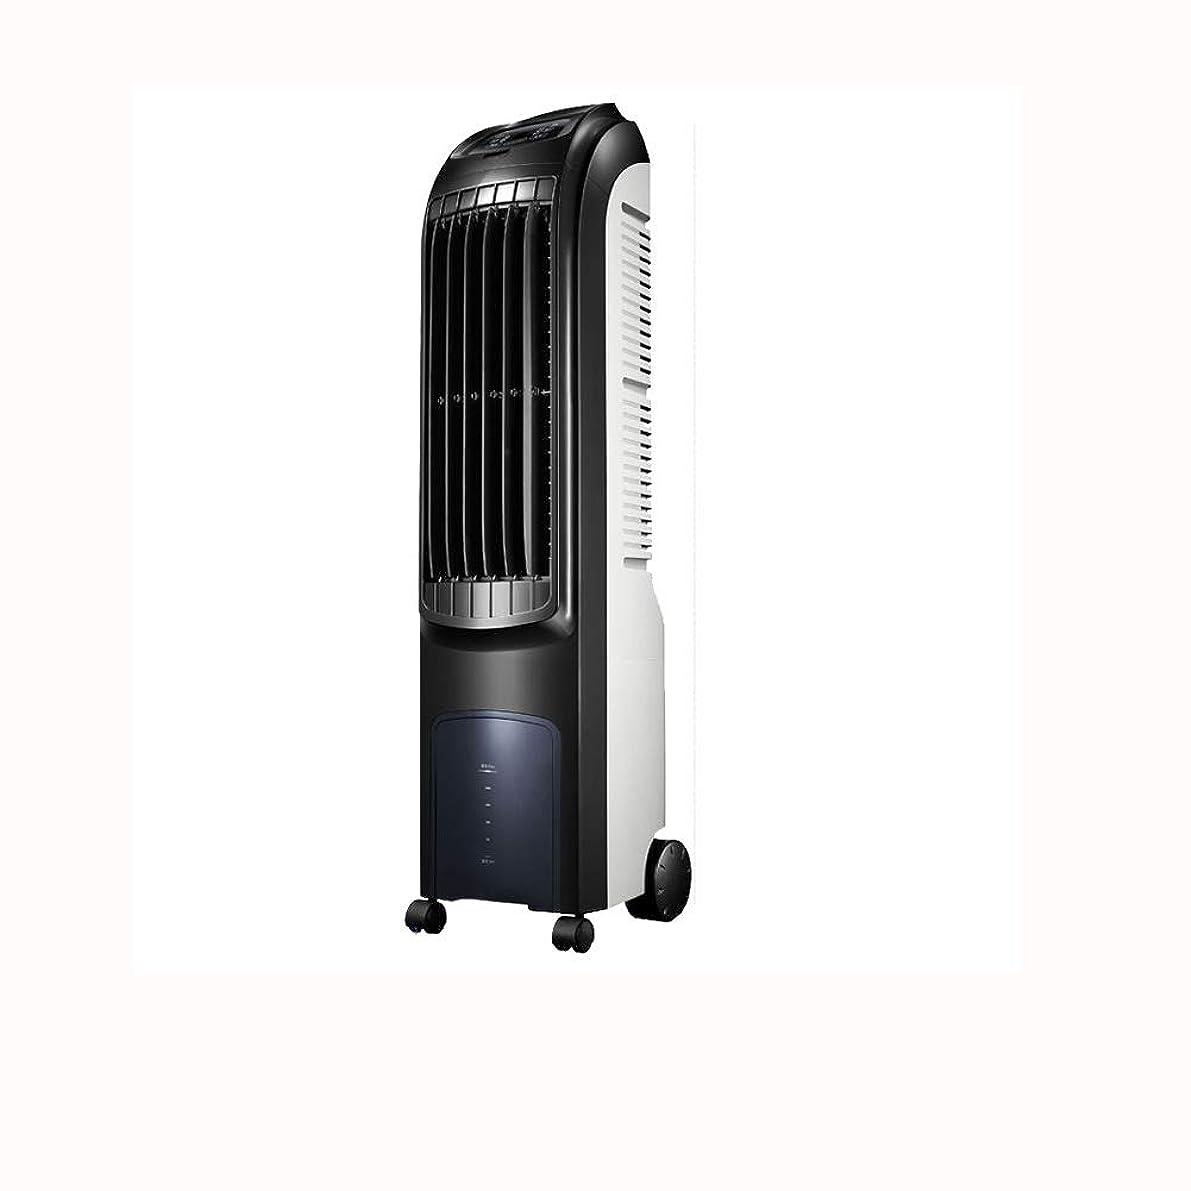 広告する特にカリキュラムYYSD 長時間の携帯用冷たいファン33.8 dBの空気クーラー55Wの省エネの環境に優しい冷たいファンのクーラーの屋内屋外のac